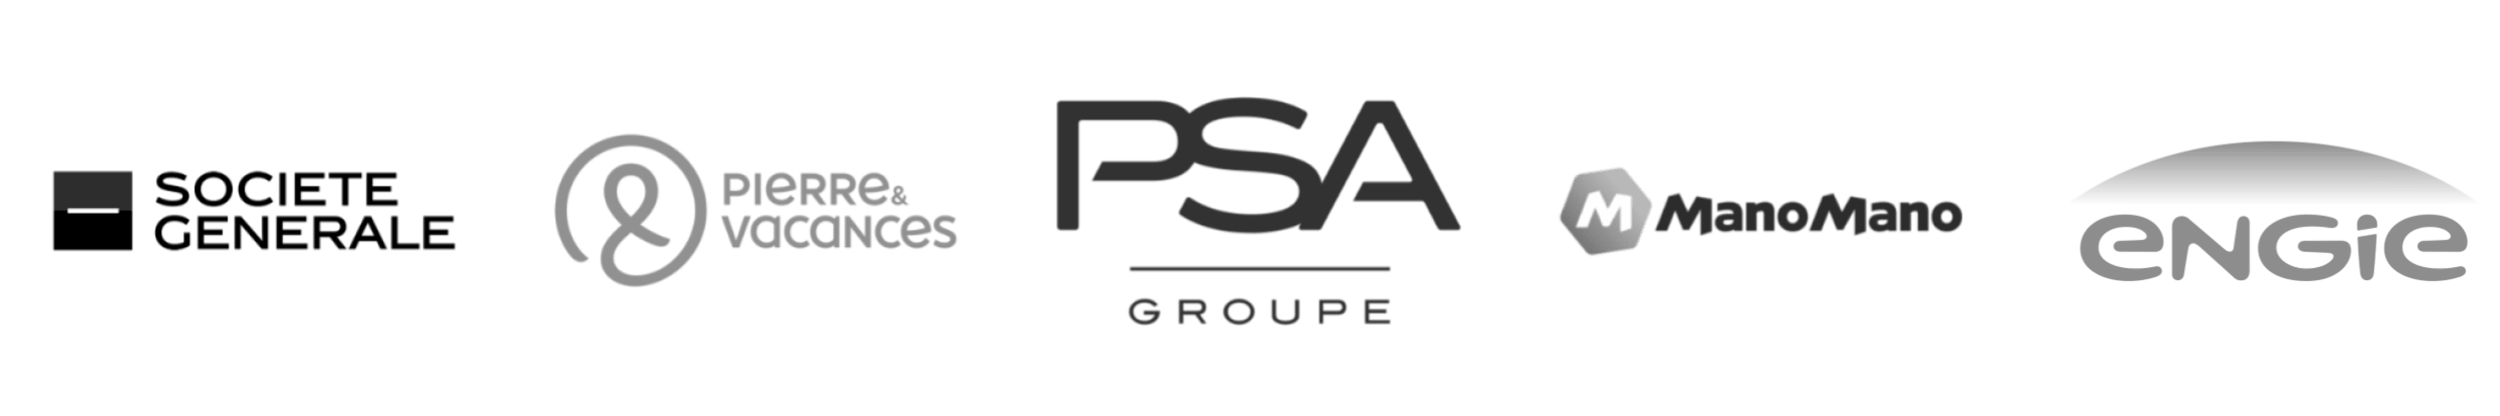 Société Générale - Pierre&Vacances - PSA - ManoMano - ENGIE